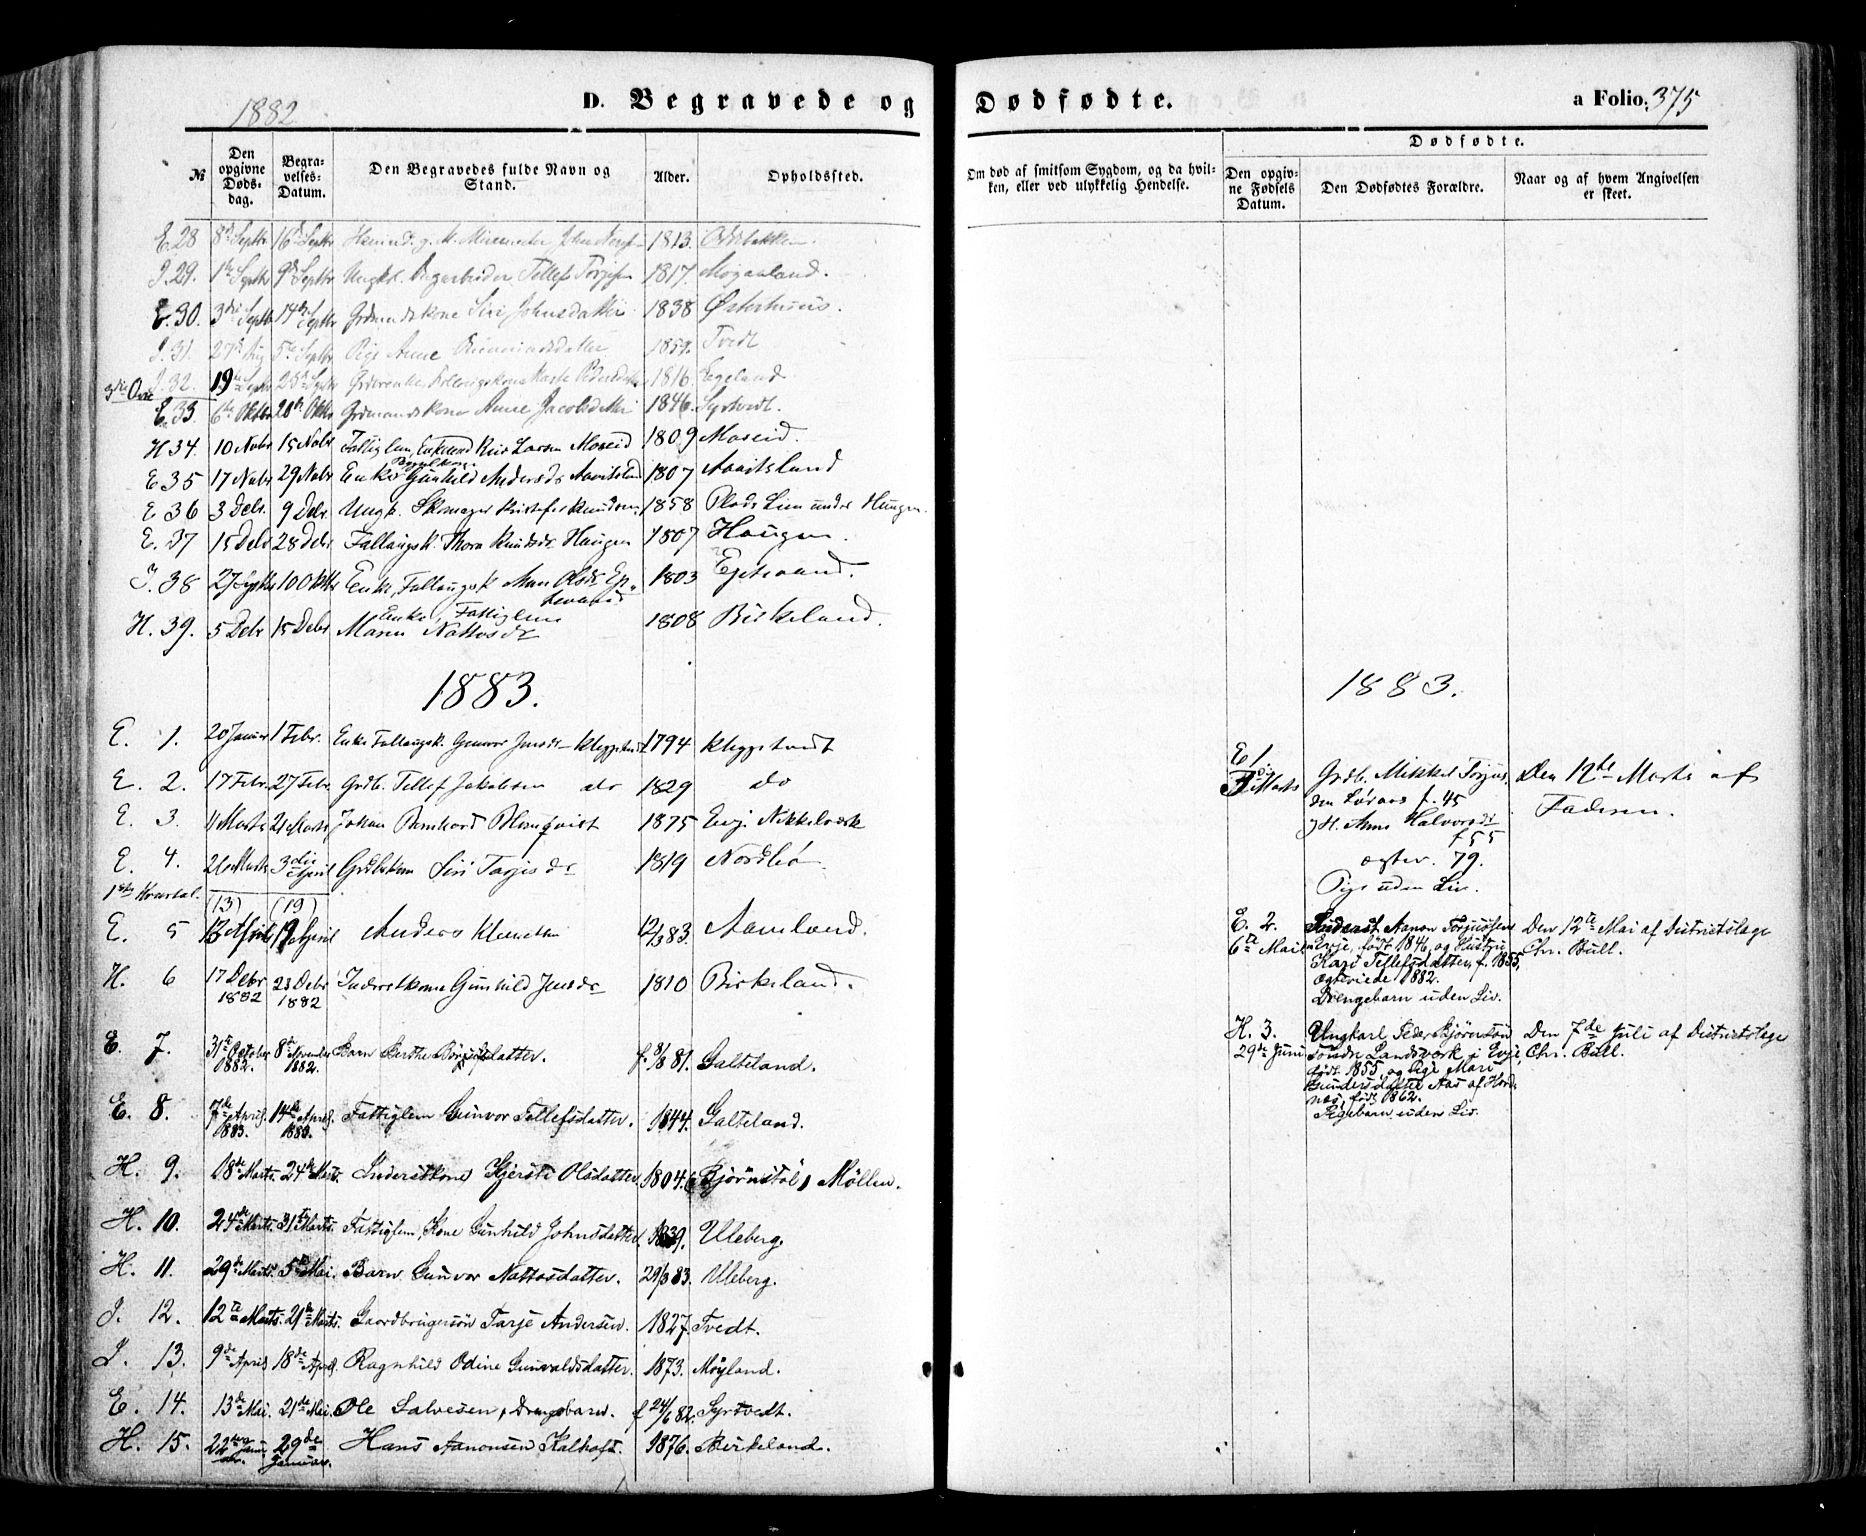 SAK, Evje sokneprestkontor, F/Fa/Faa/L0006: Ministerialbok nr. A 6, 1866-1884, s. 375